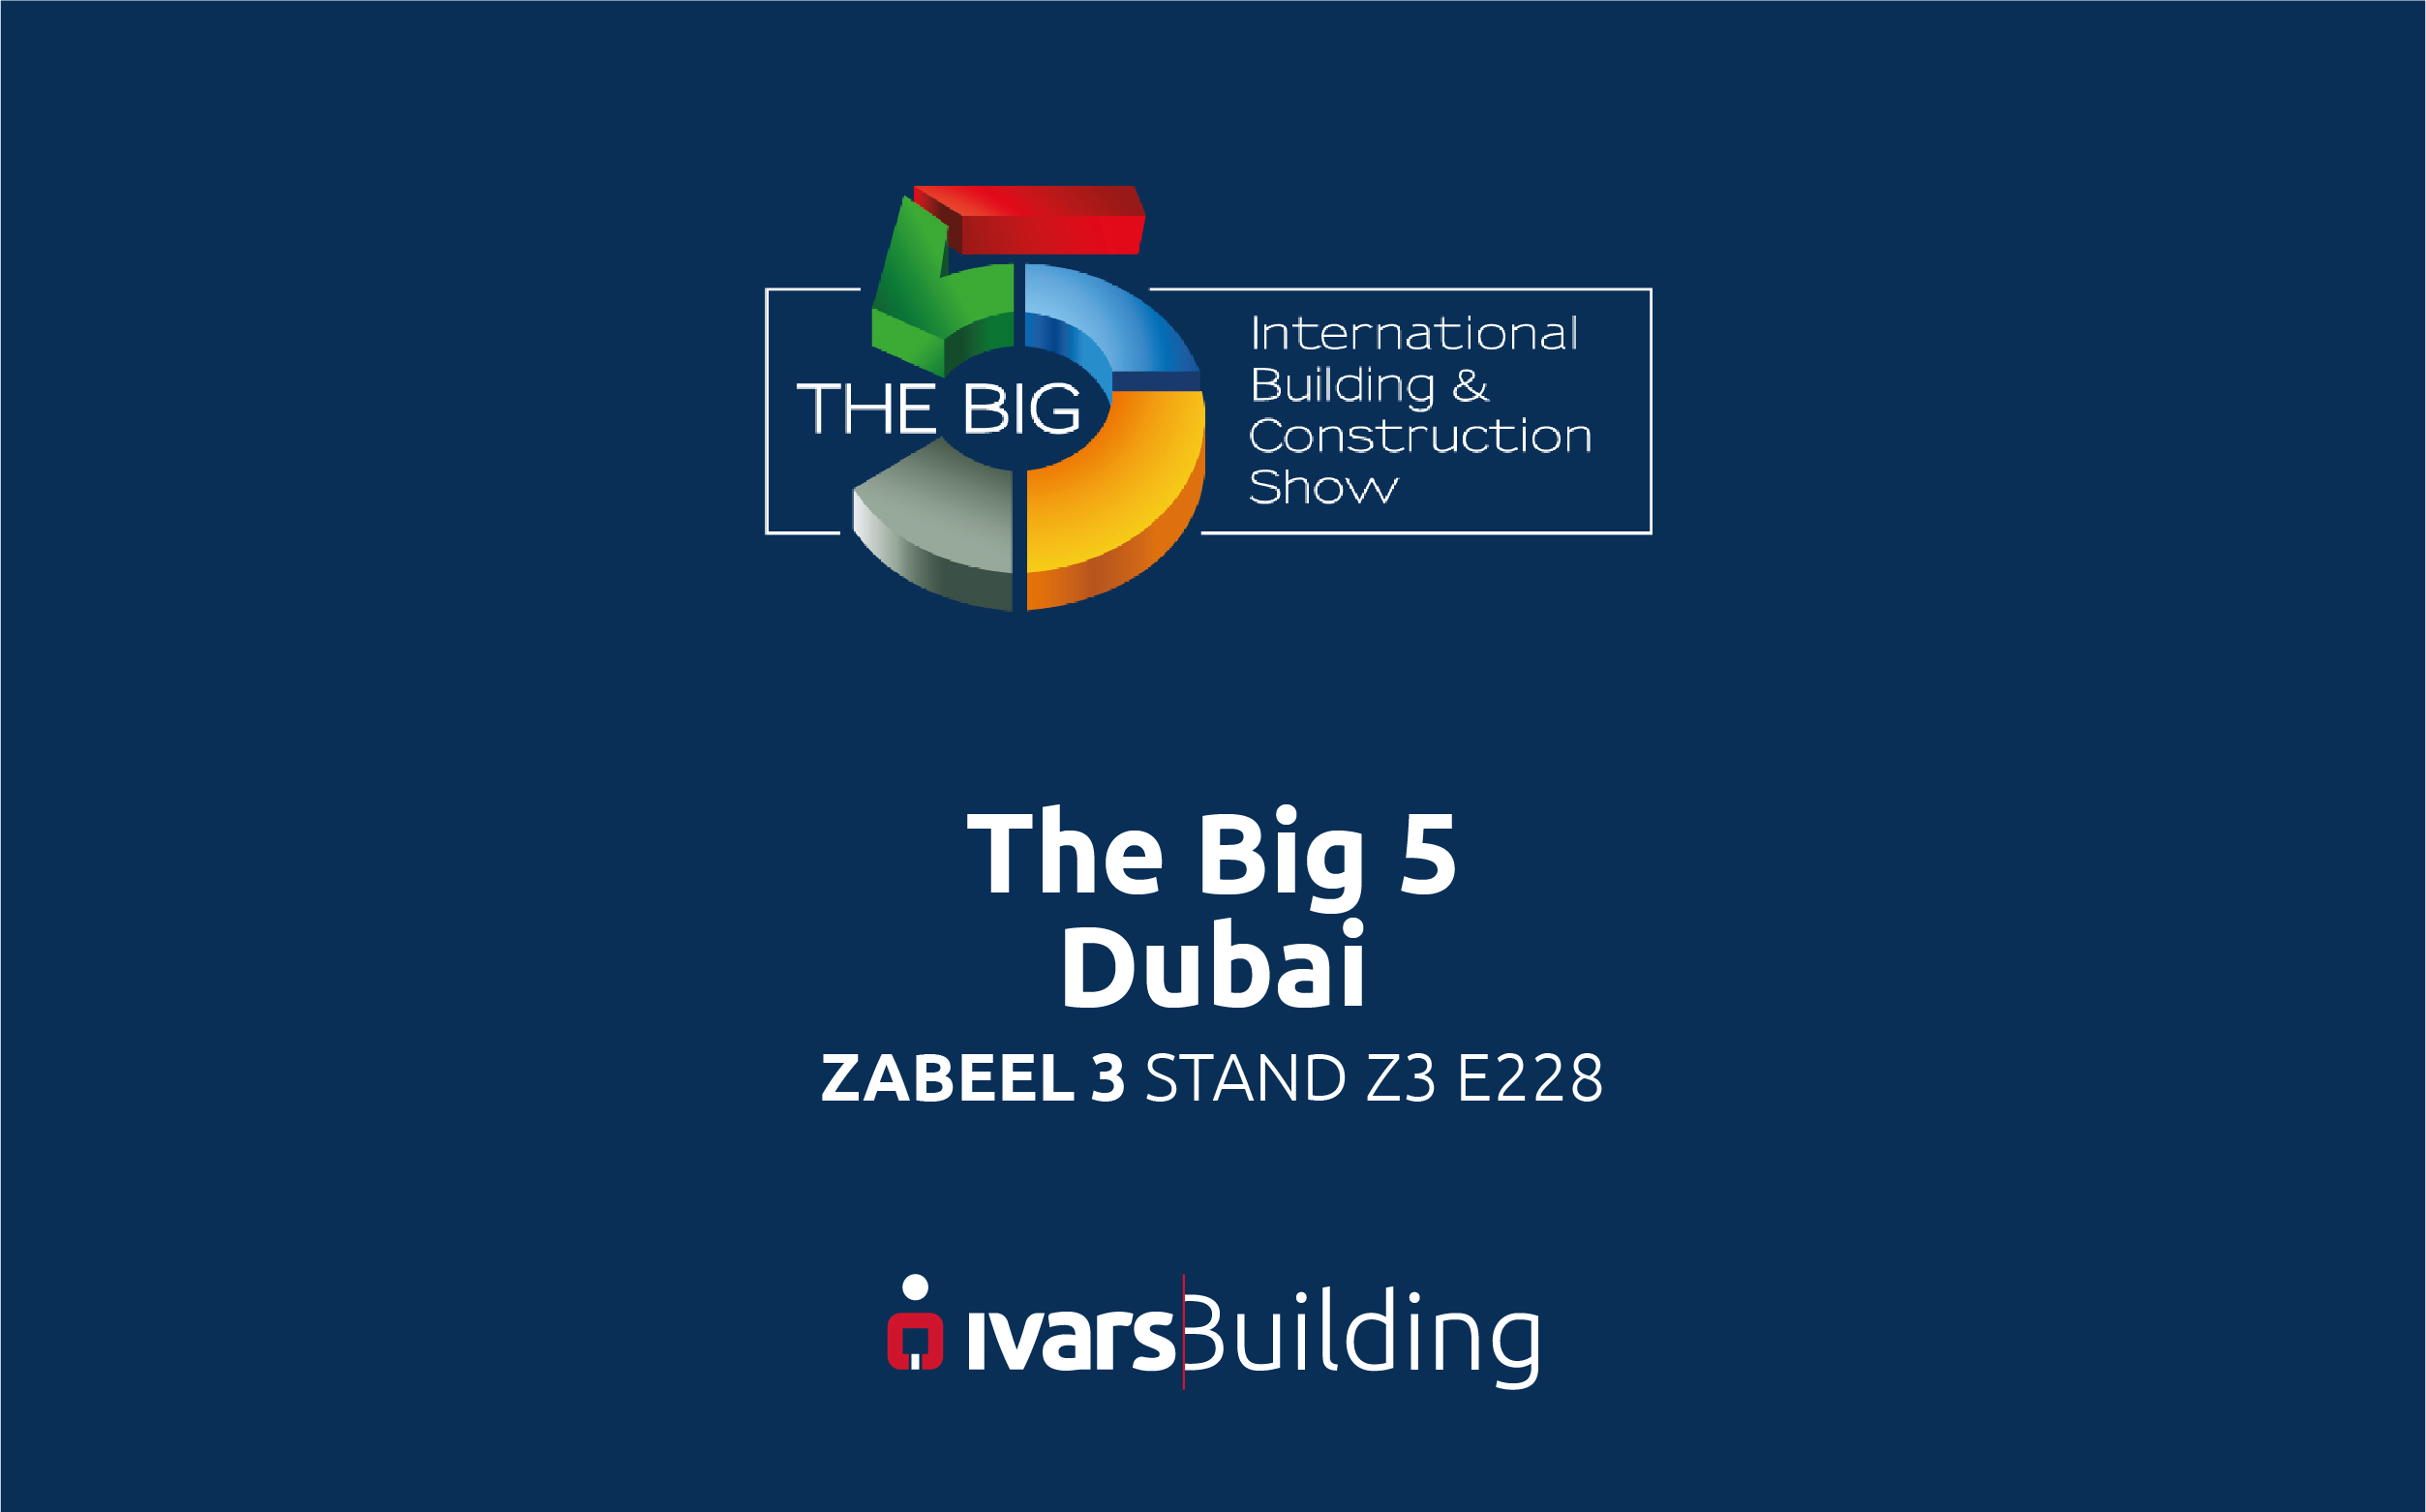 ivars-con-la-divisione-building-dal-25-al-28-novembre-presenzia-a-the-big-5